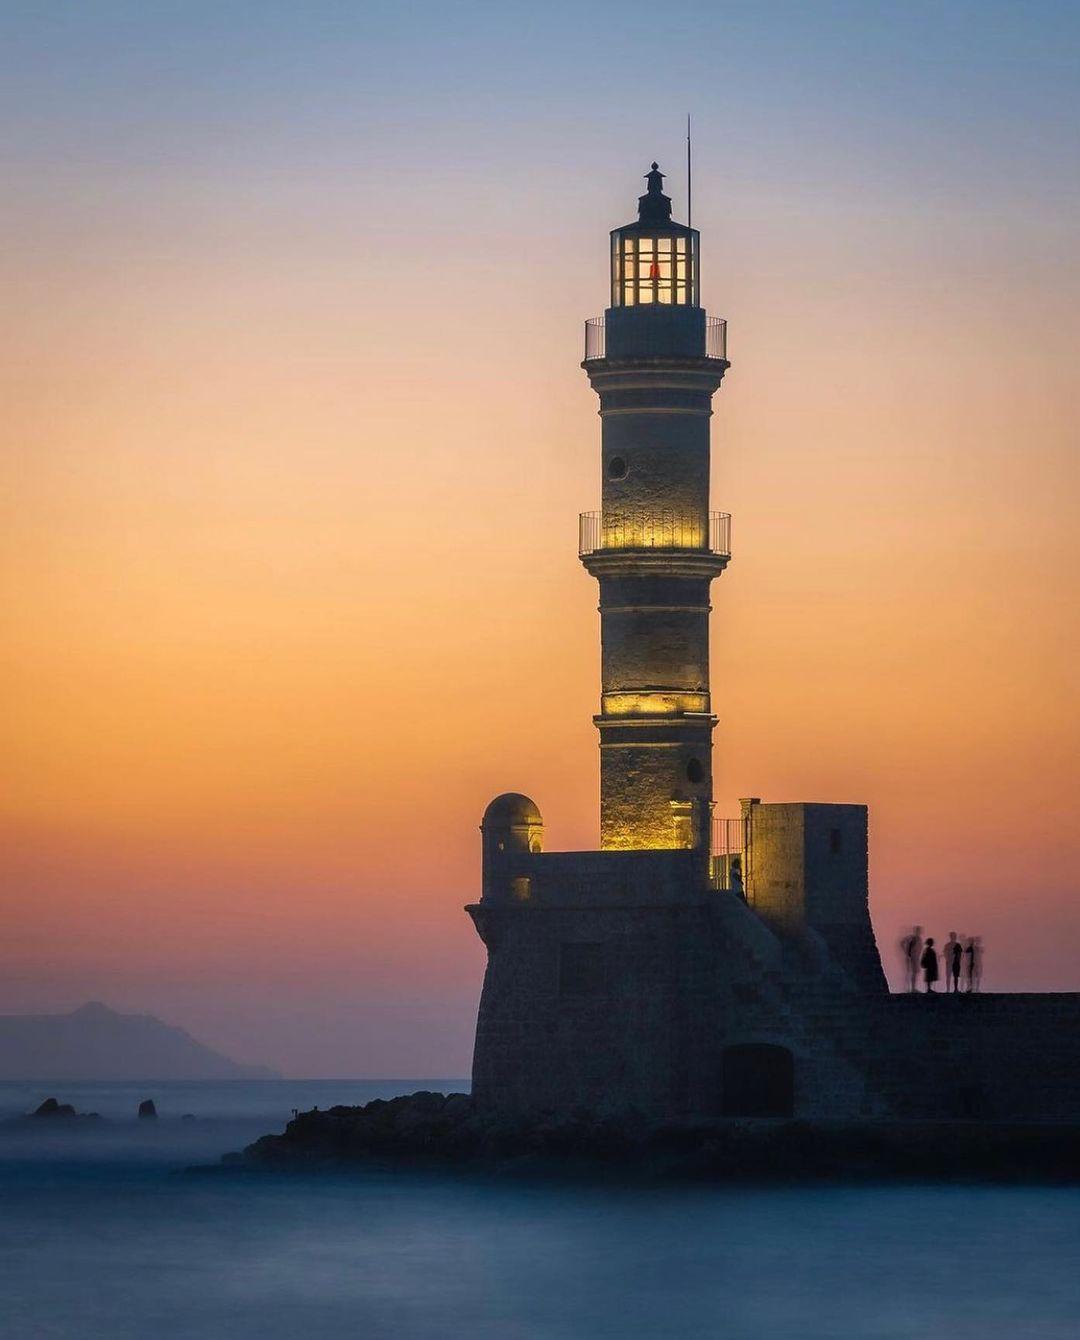 Leuchtturm in Chania 📷 by @drjonrees